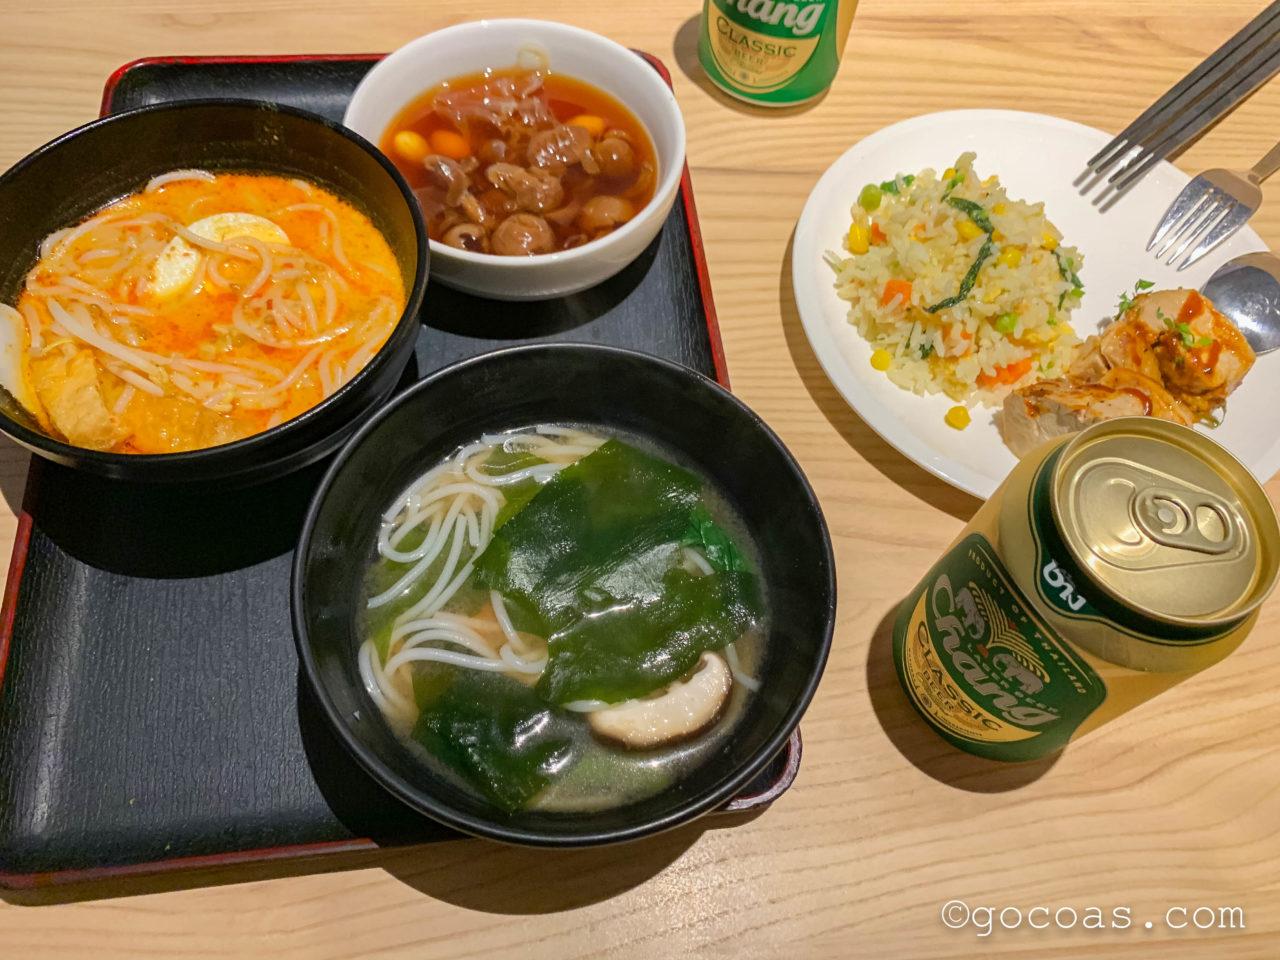 シンガポール・チャンギ国際空港内のBLOSSOM LOUNGEで食べたフード